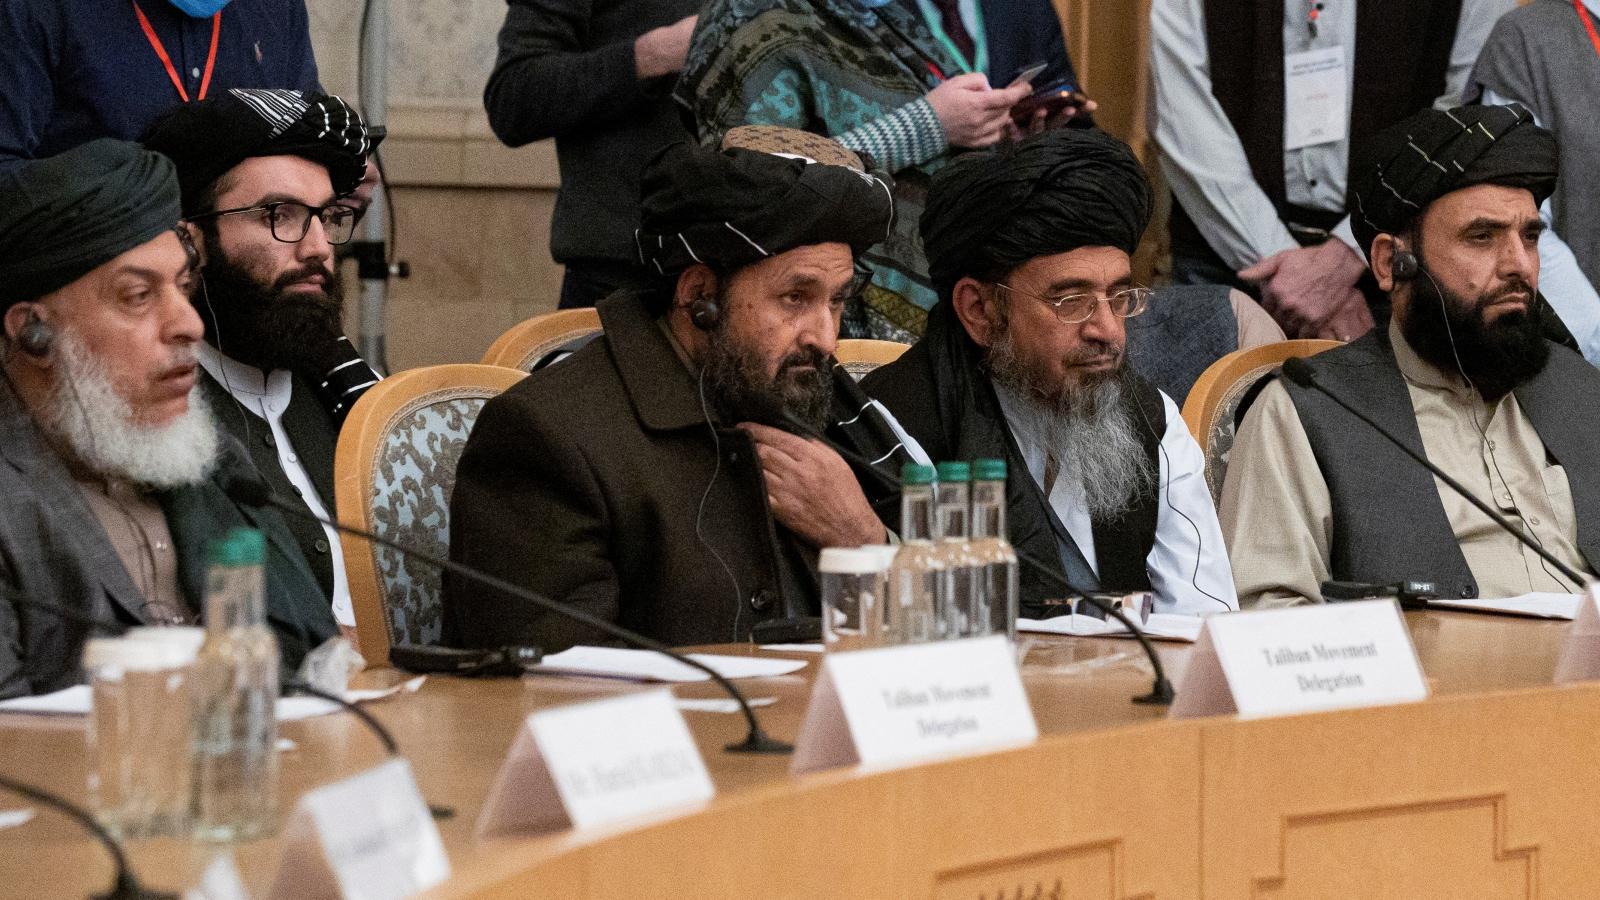 Taliban và Chính phủ Afghanistan nhất trí 'Chiến tranh không phải là giải pháp''